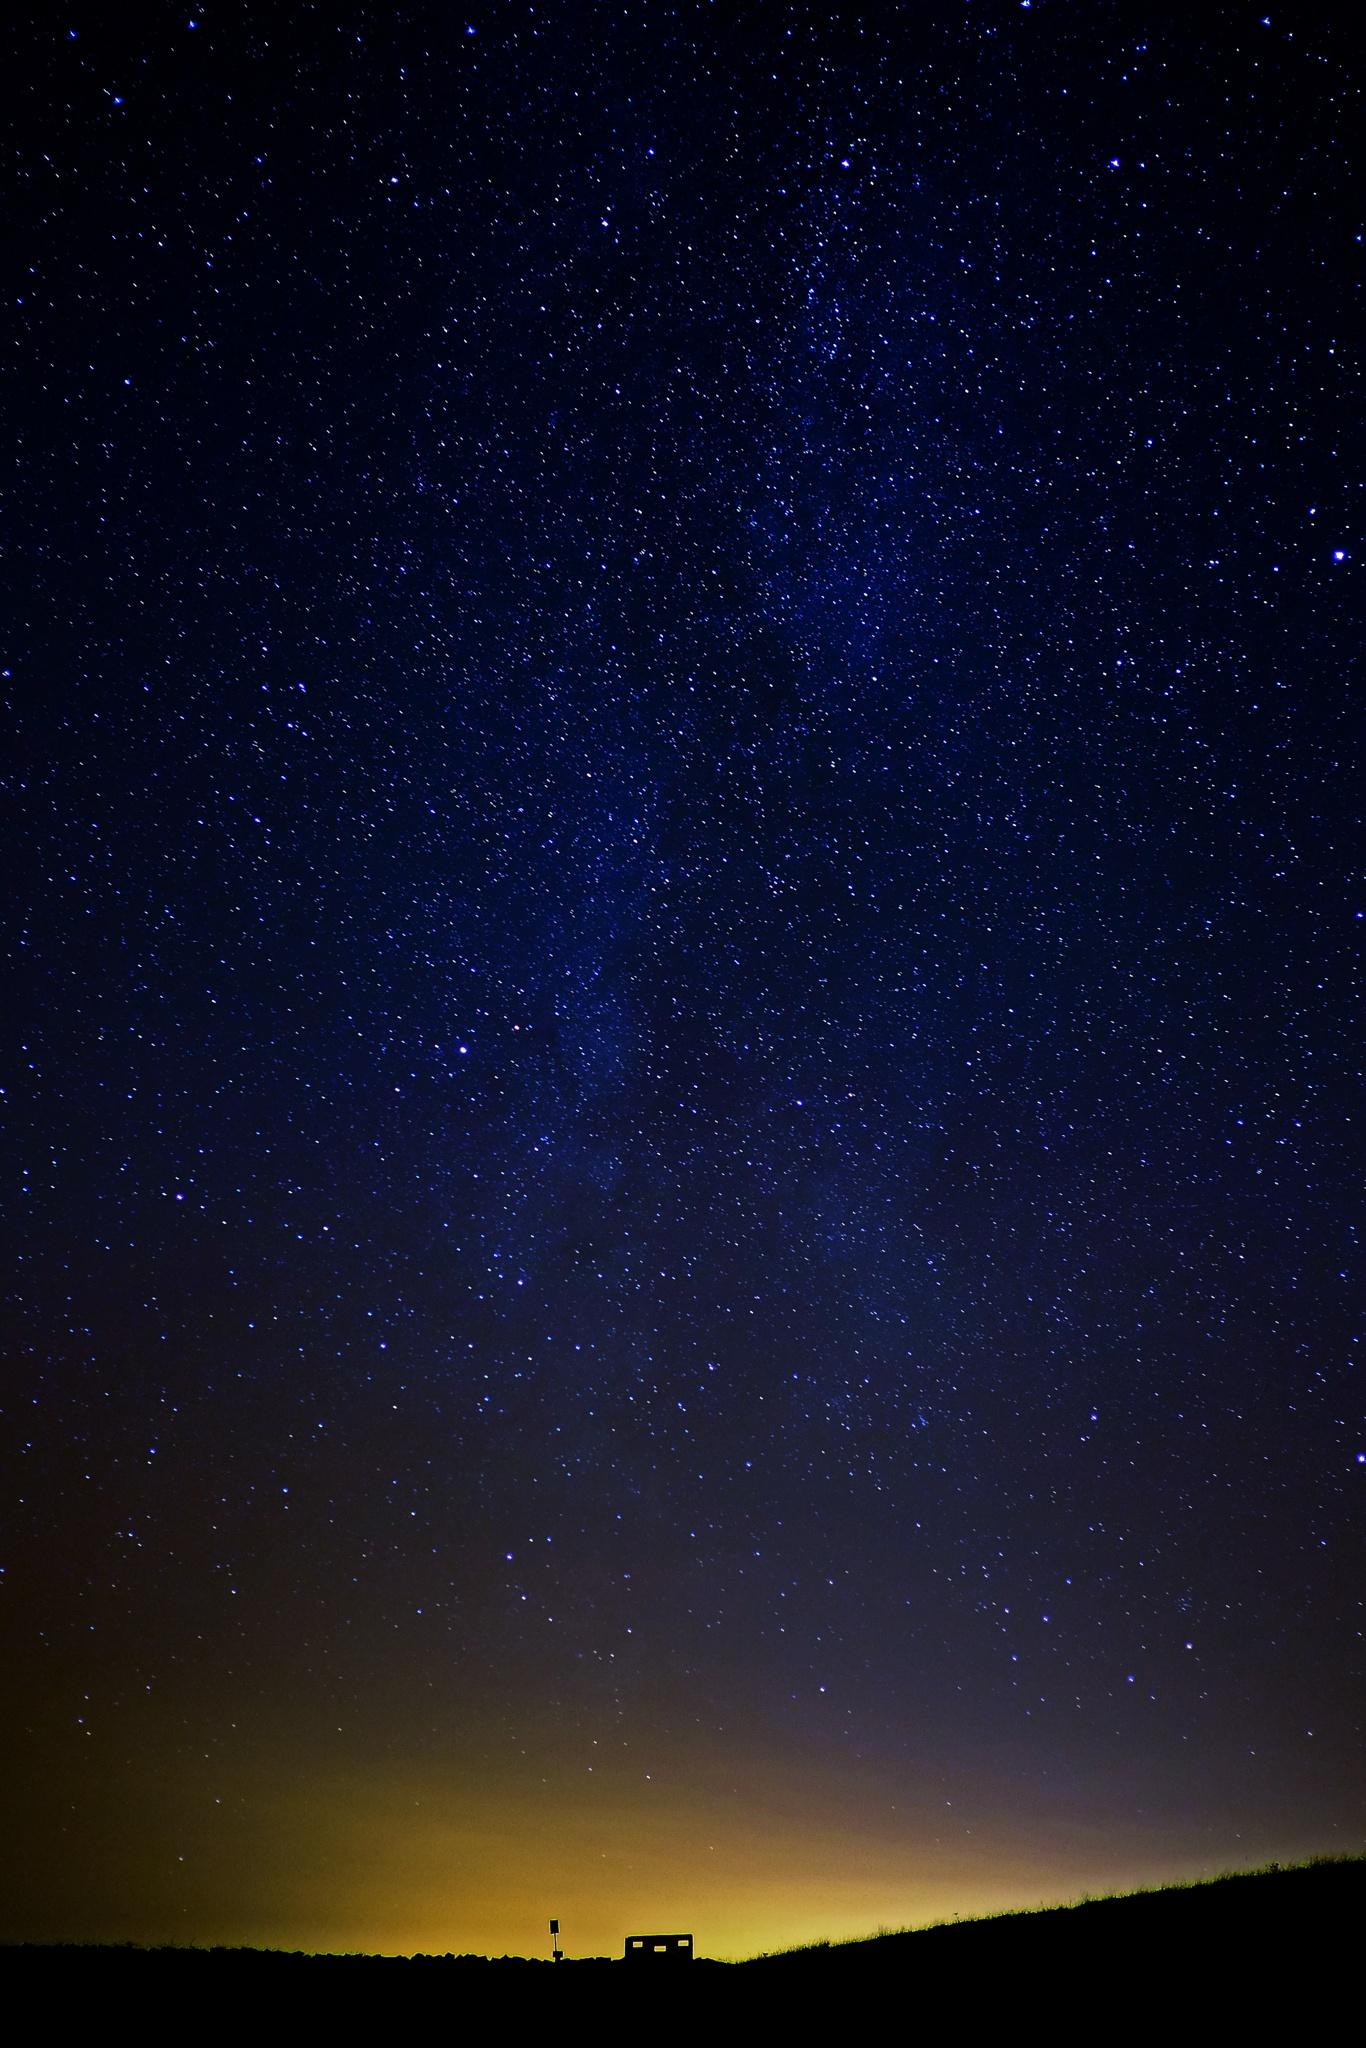 Bird hide starry night by Lee Morrow